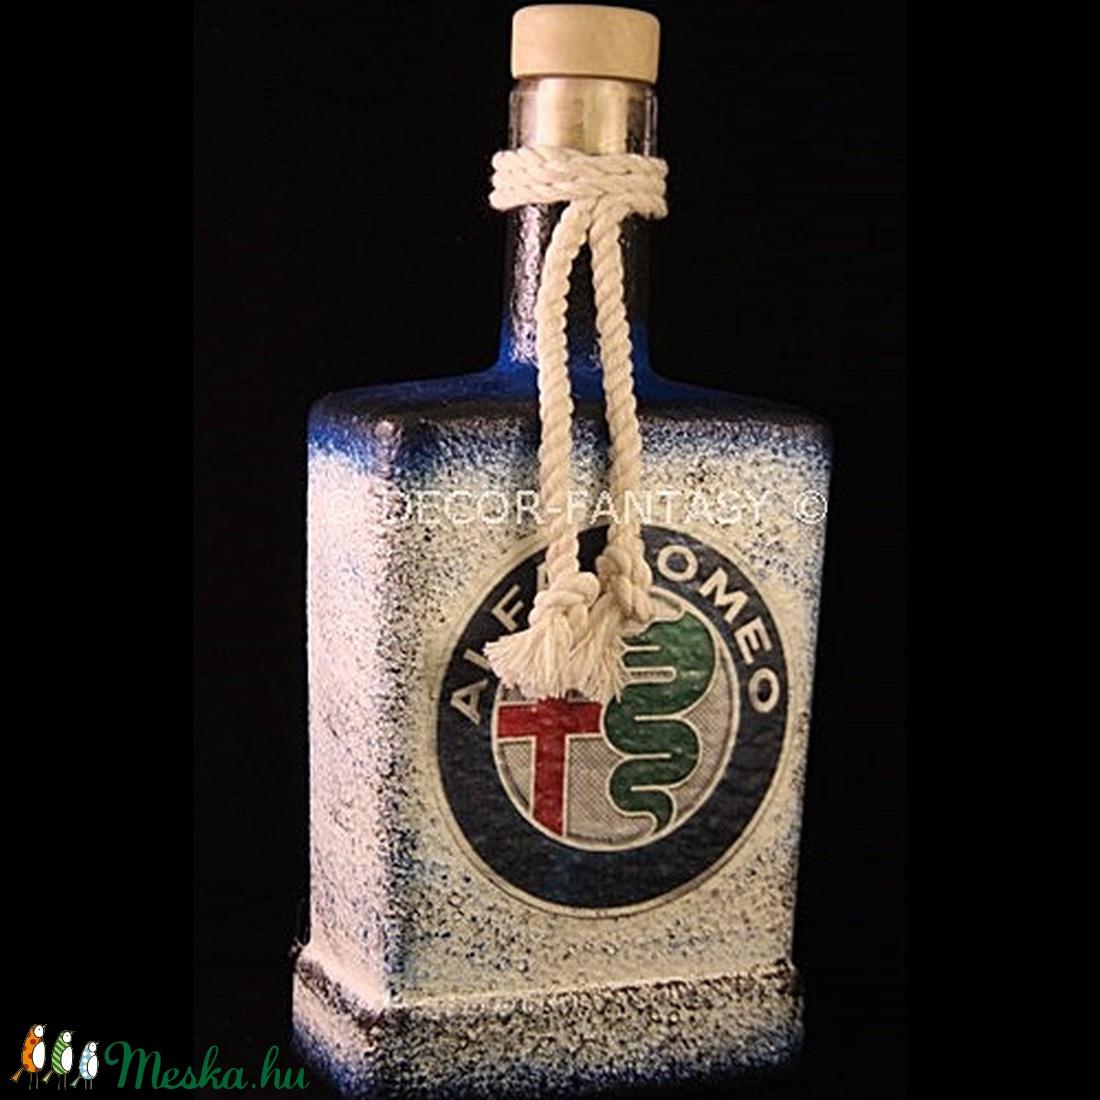 ALFA ROMEO emblémával díszített  kocka  üveg ( 0,2 l )  (decorfantasy) - Meska.hu